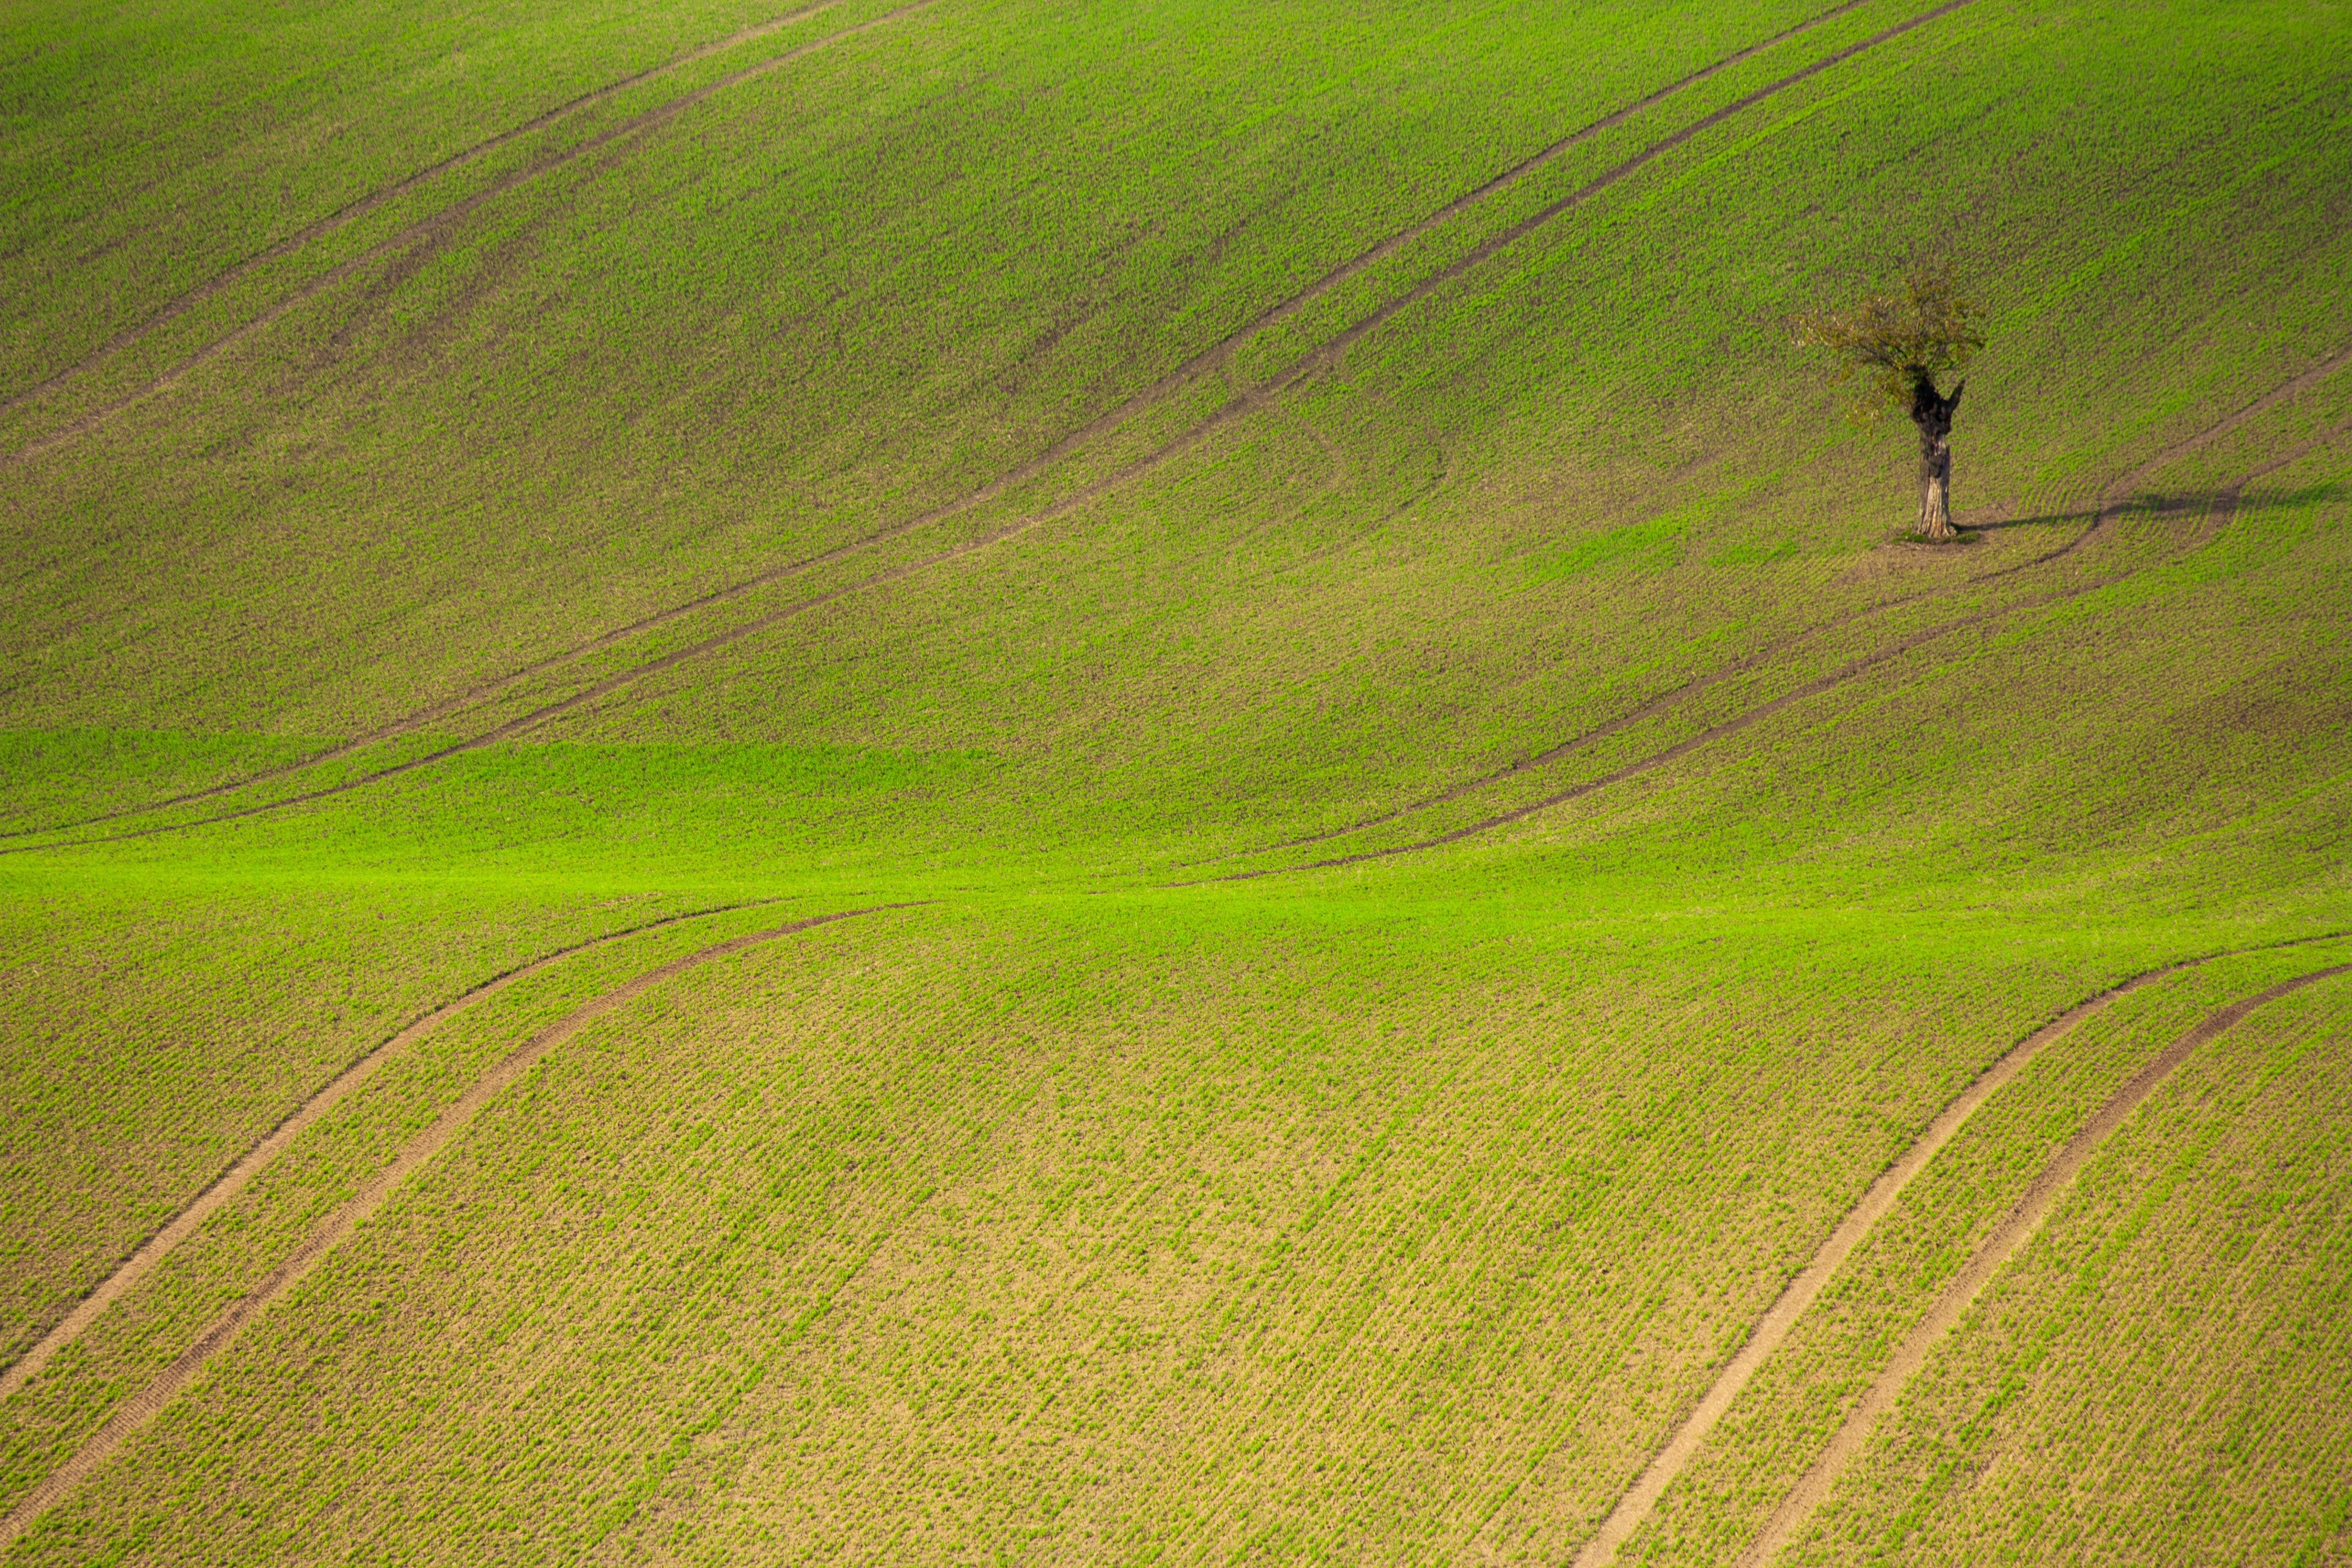 Free Images : Landscape, Tree, Sky, Farm, Lawn, Meadow